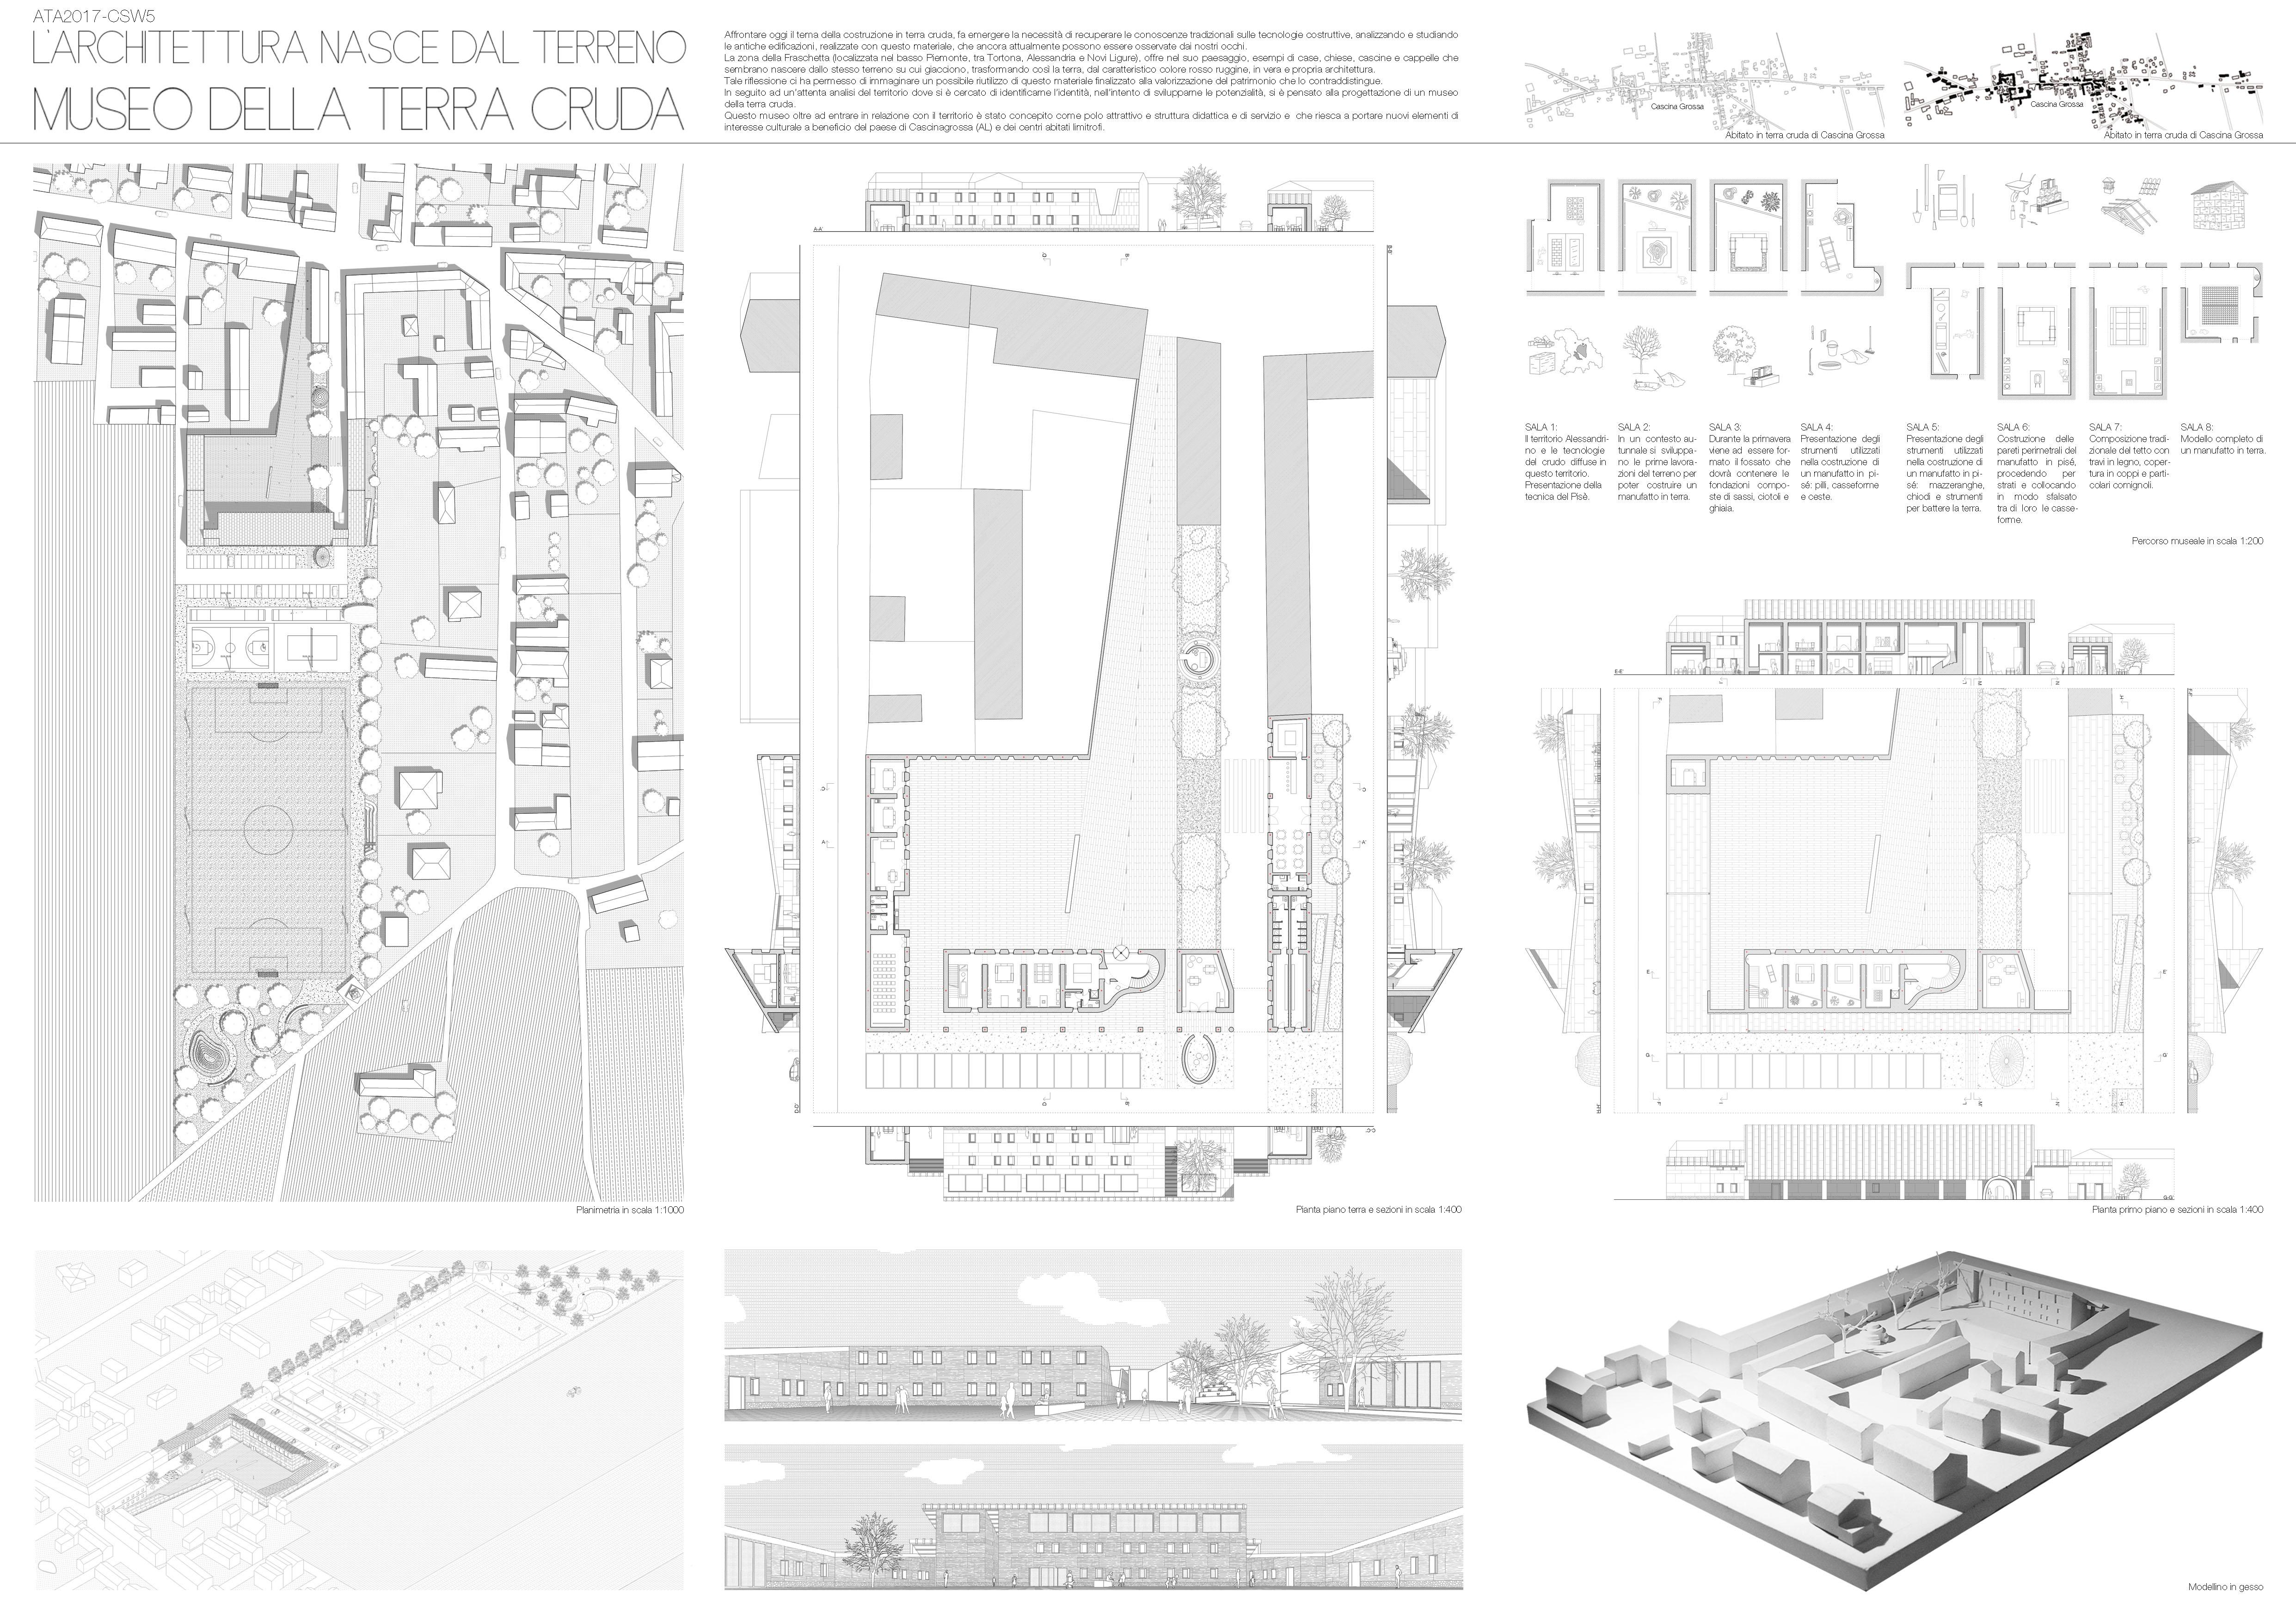 L'architettura nasce dal terreno: museo della terra cruda Board